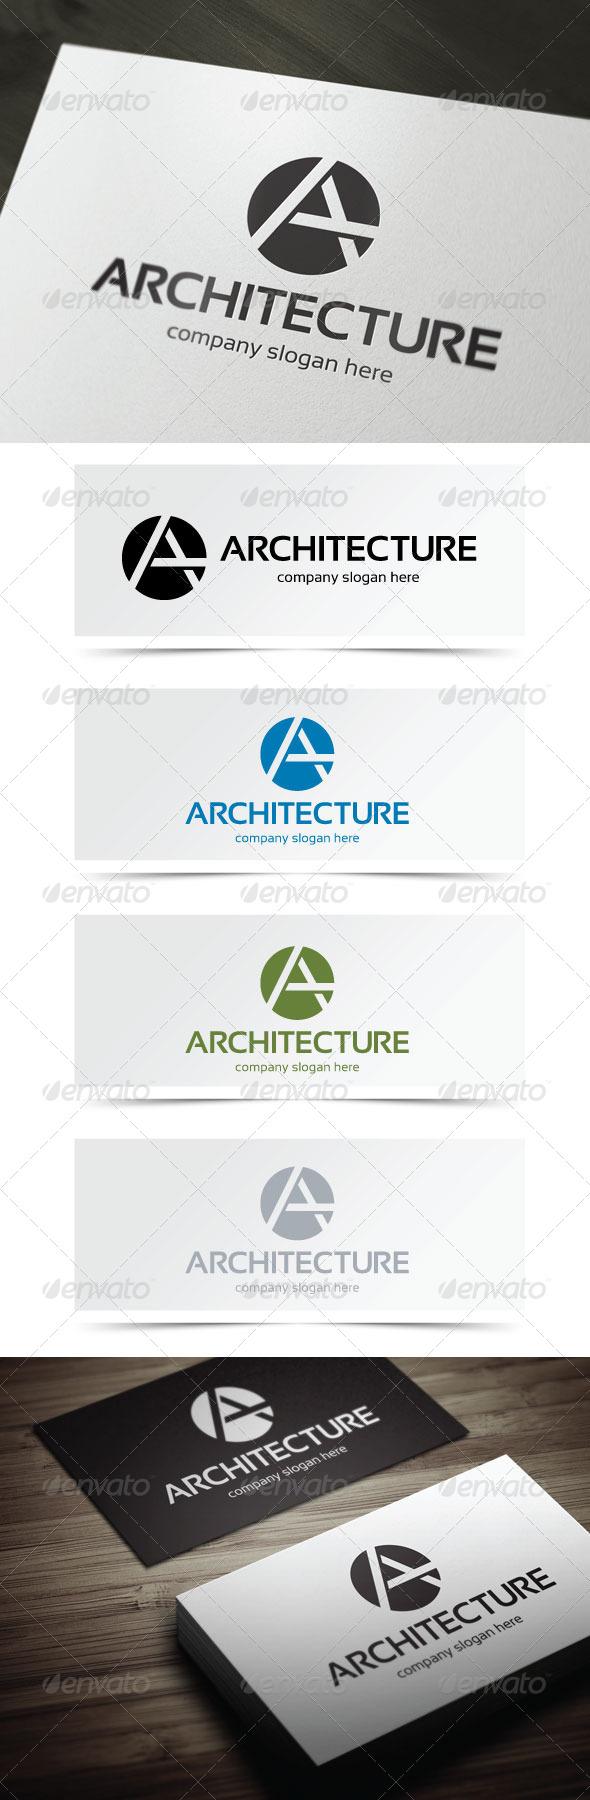 GraphicRiver Architecture 5211286